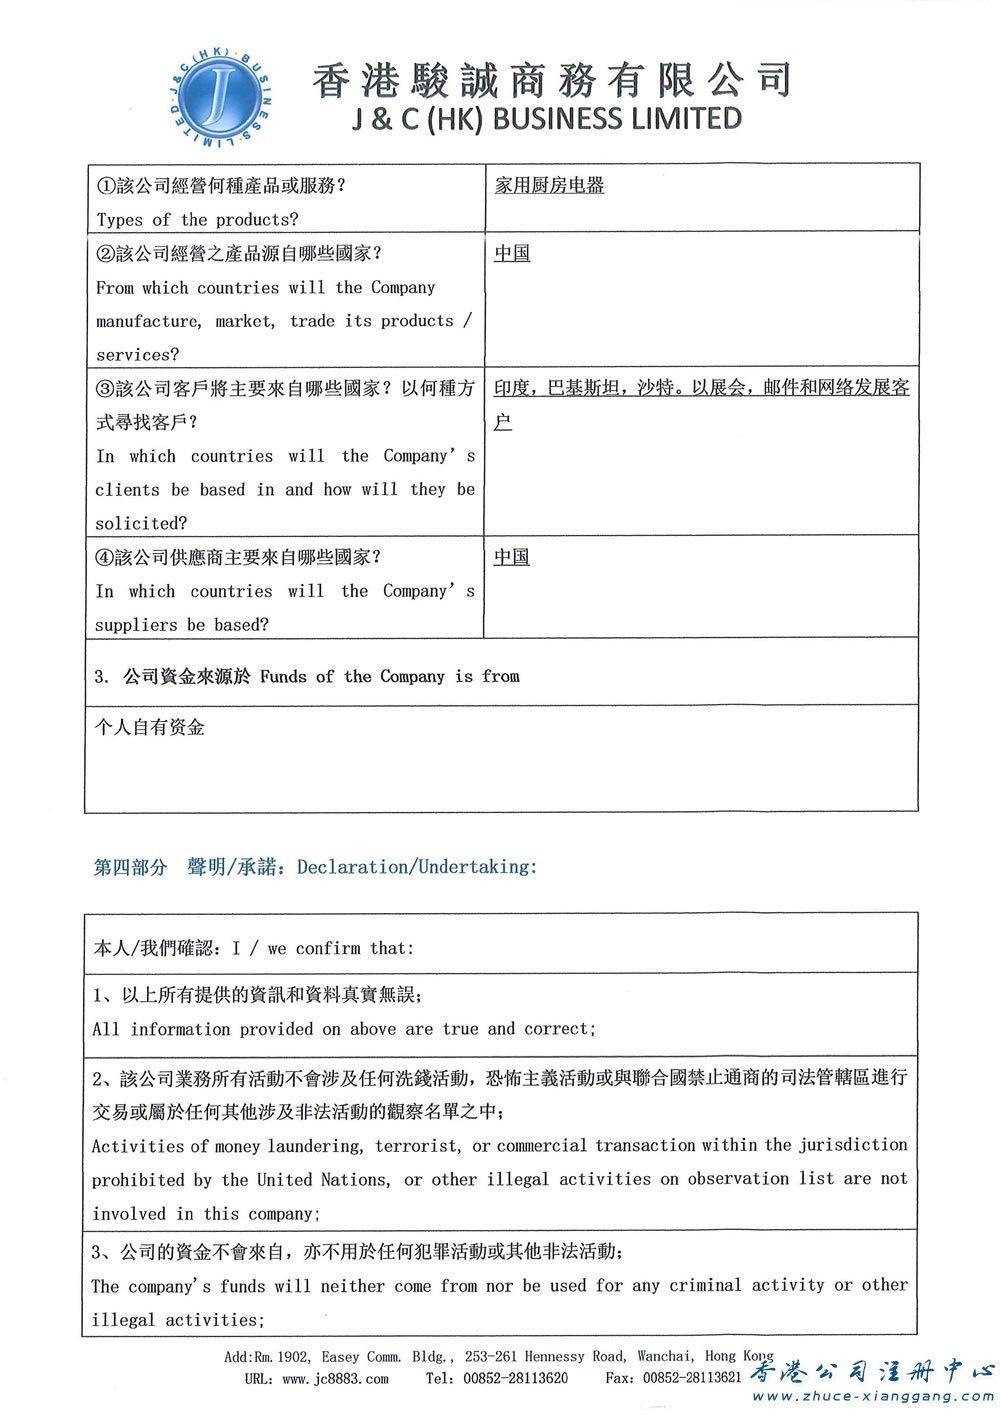 香港公司KYC表格(尽职审查表)样本_3